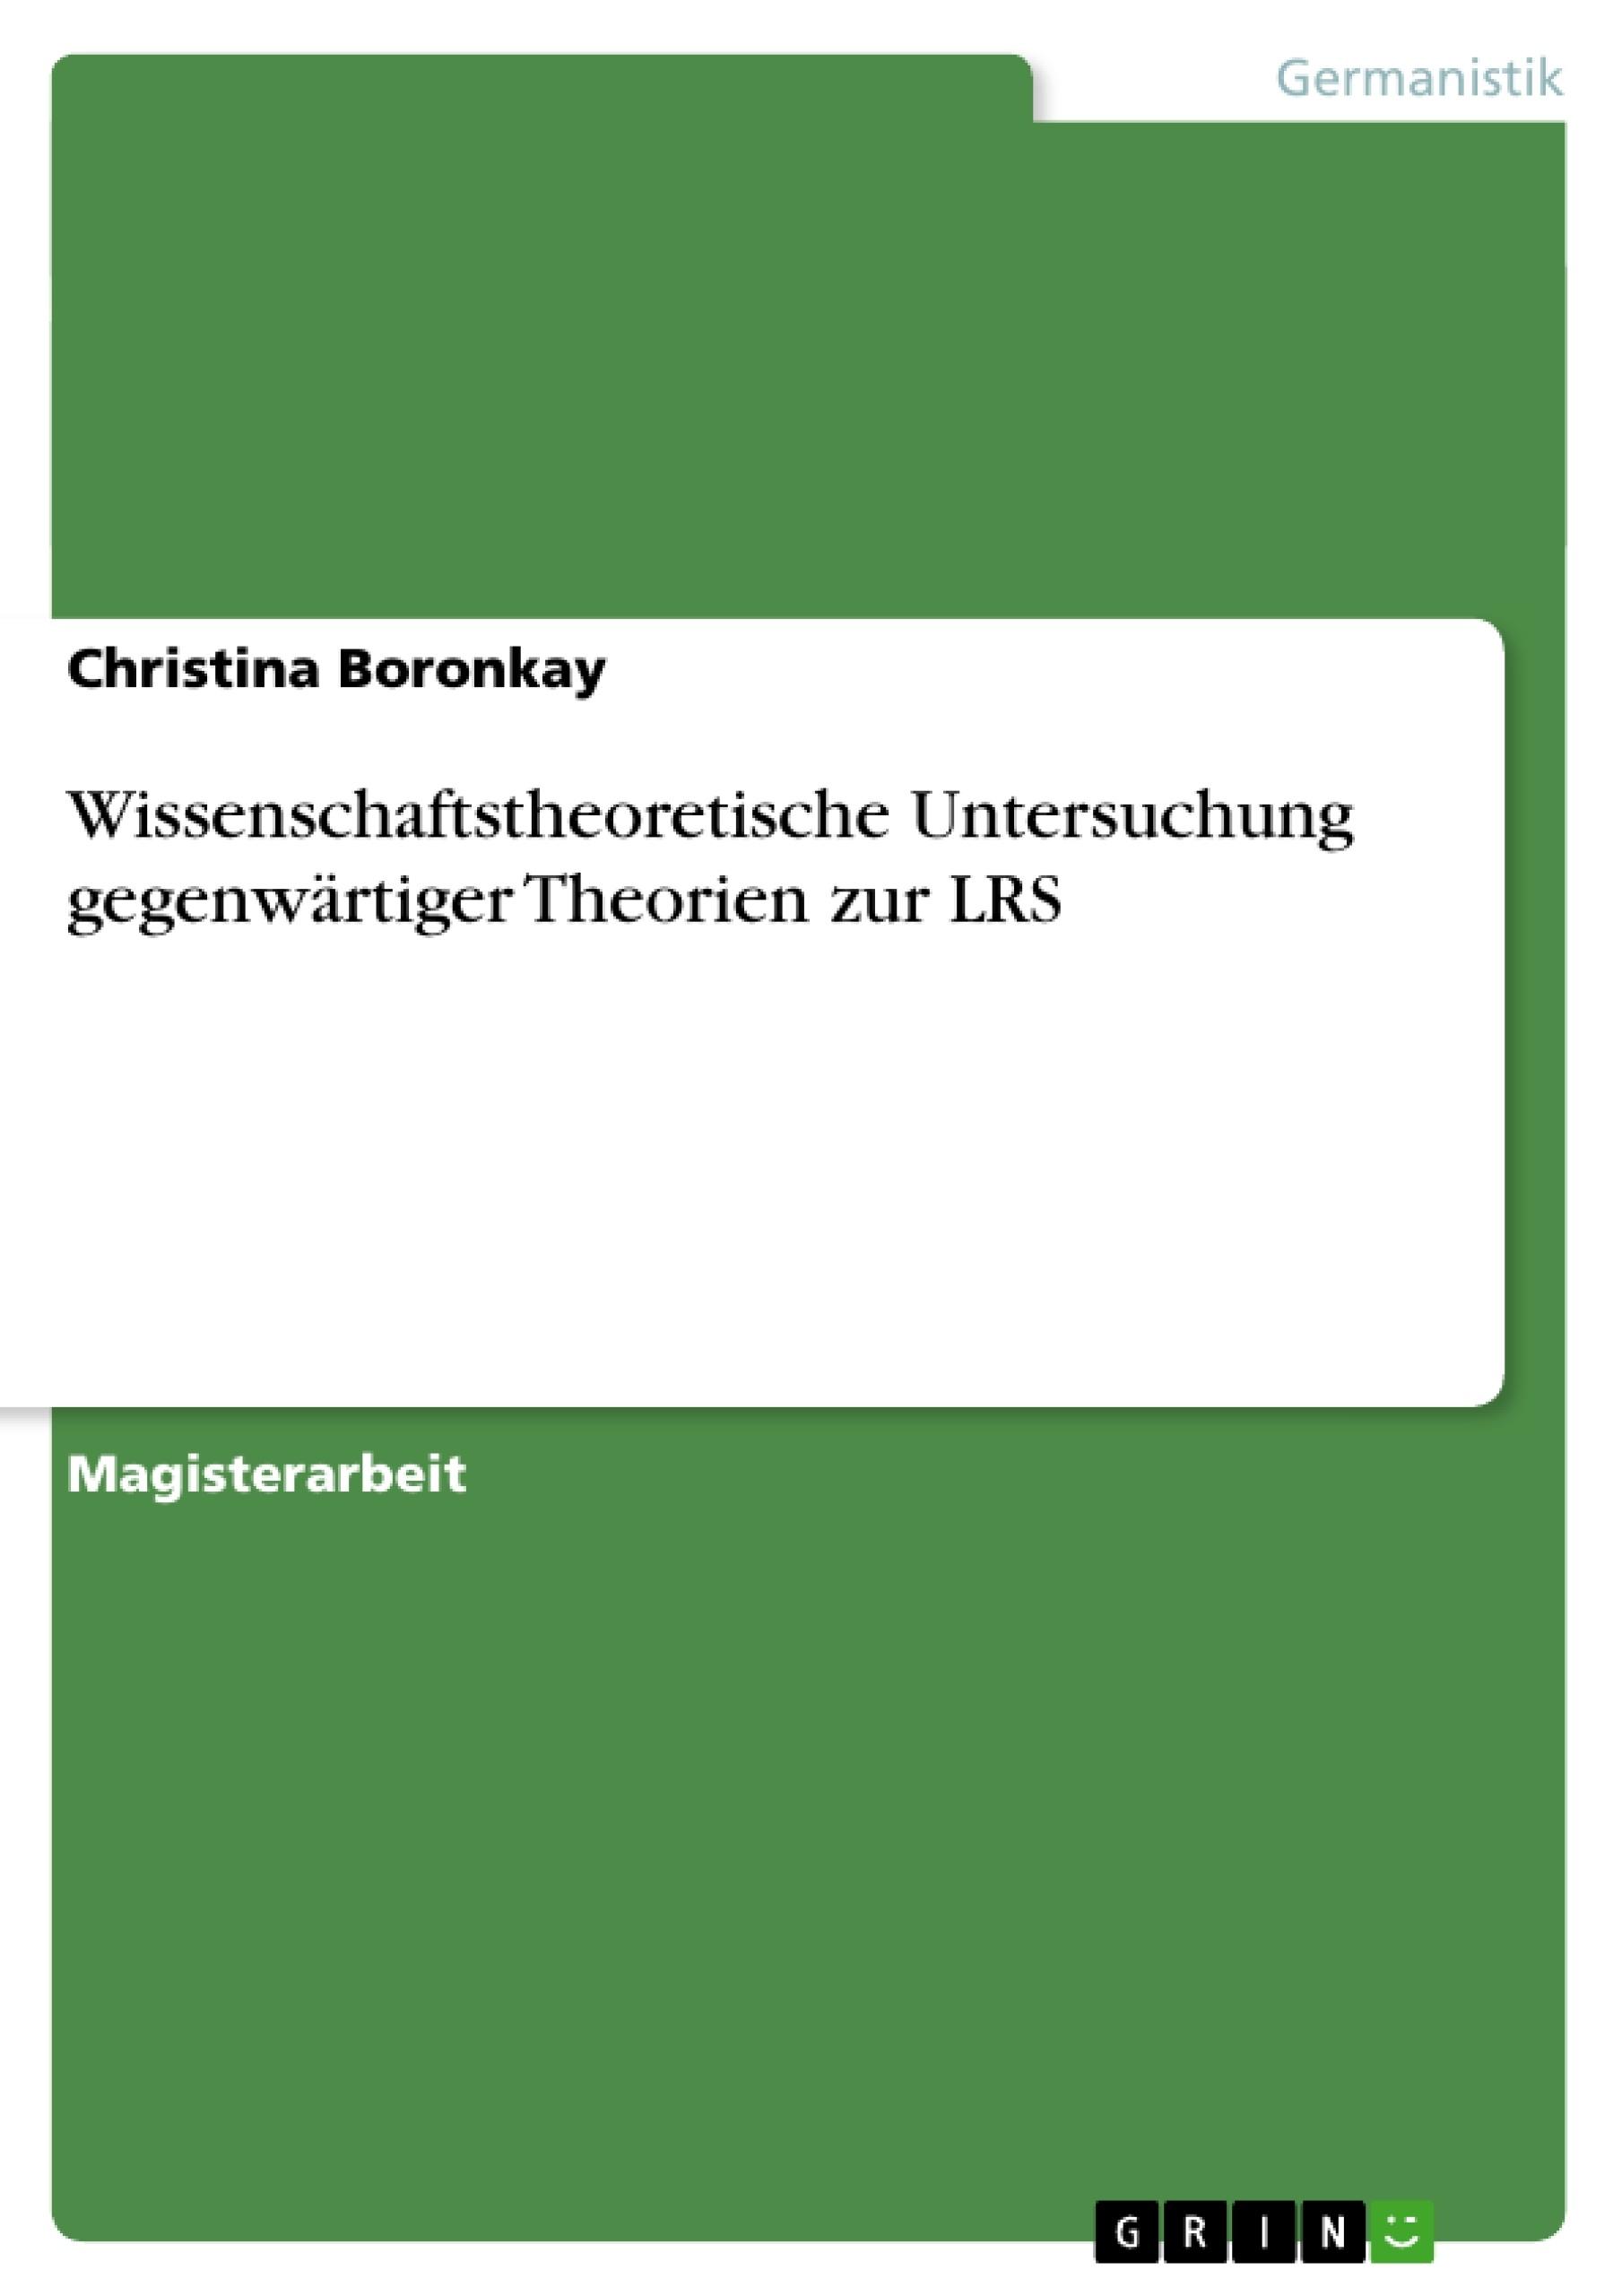 Titel: Wissenschaftstheoretische Untersuchung gegenwärtiger Theorien zur LRS